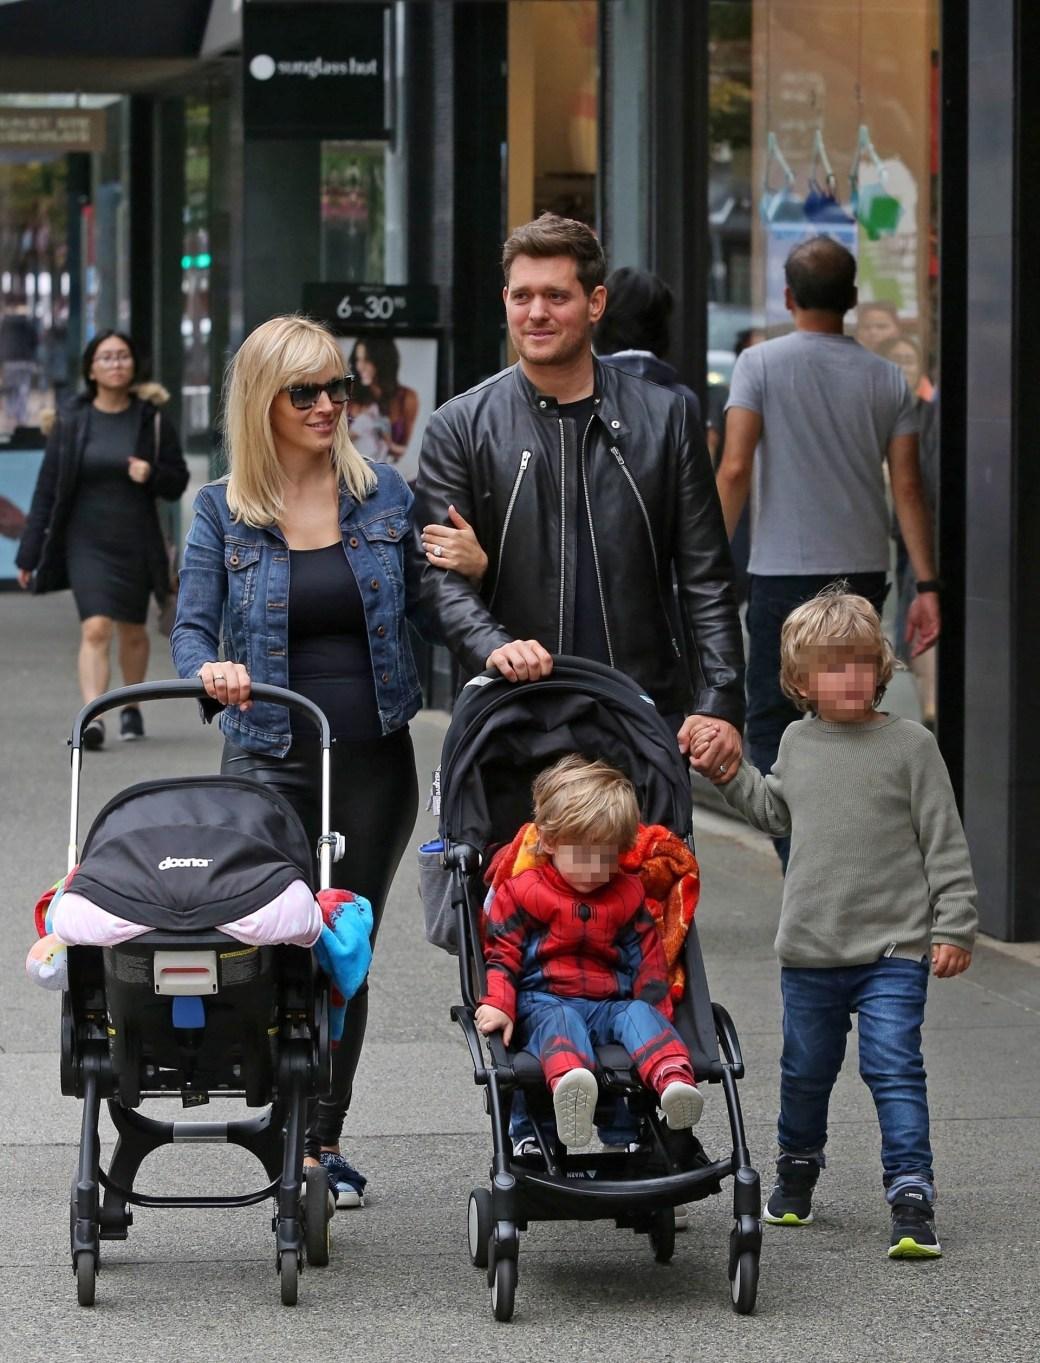 Michael Bublé junto a su esposa, Luisana Lopilato, y sus tres hijos (Photo © 2018 Backgrid/The Grosby GroupSpain)